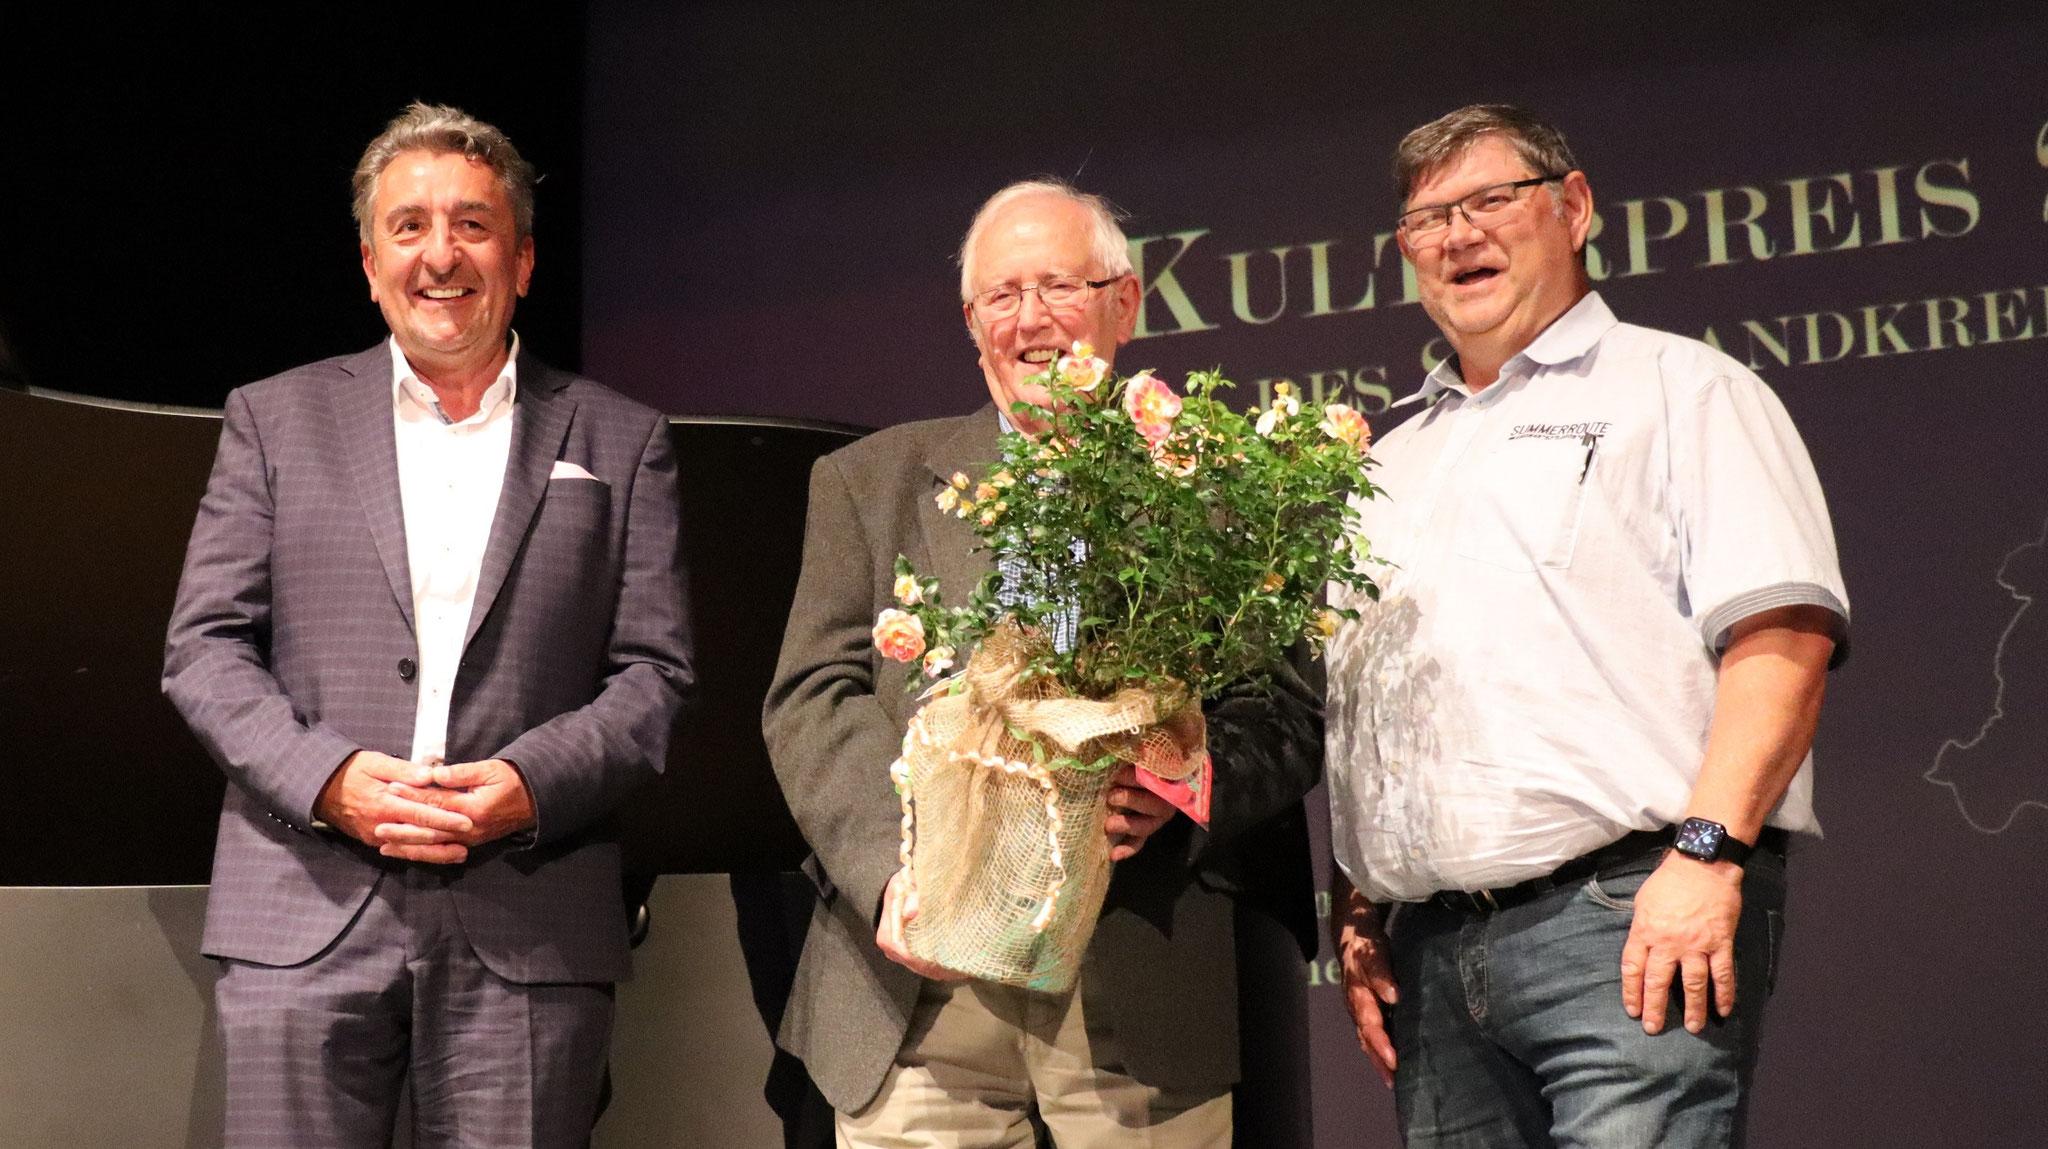 Das Bild zeigt in der Mitte Preisträger Dietrich Genau, neben ihm links Gunnar Schellenberger vom Kuratorium und rechts Harald Albrecht aus Hoym, der Dietrich Genau zur Auszeichnung vorgeschlagen hatte.